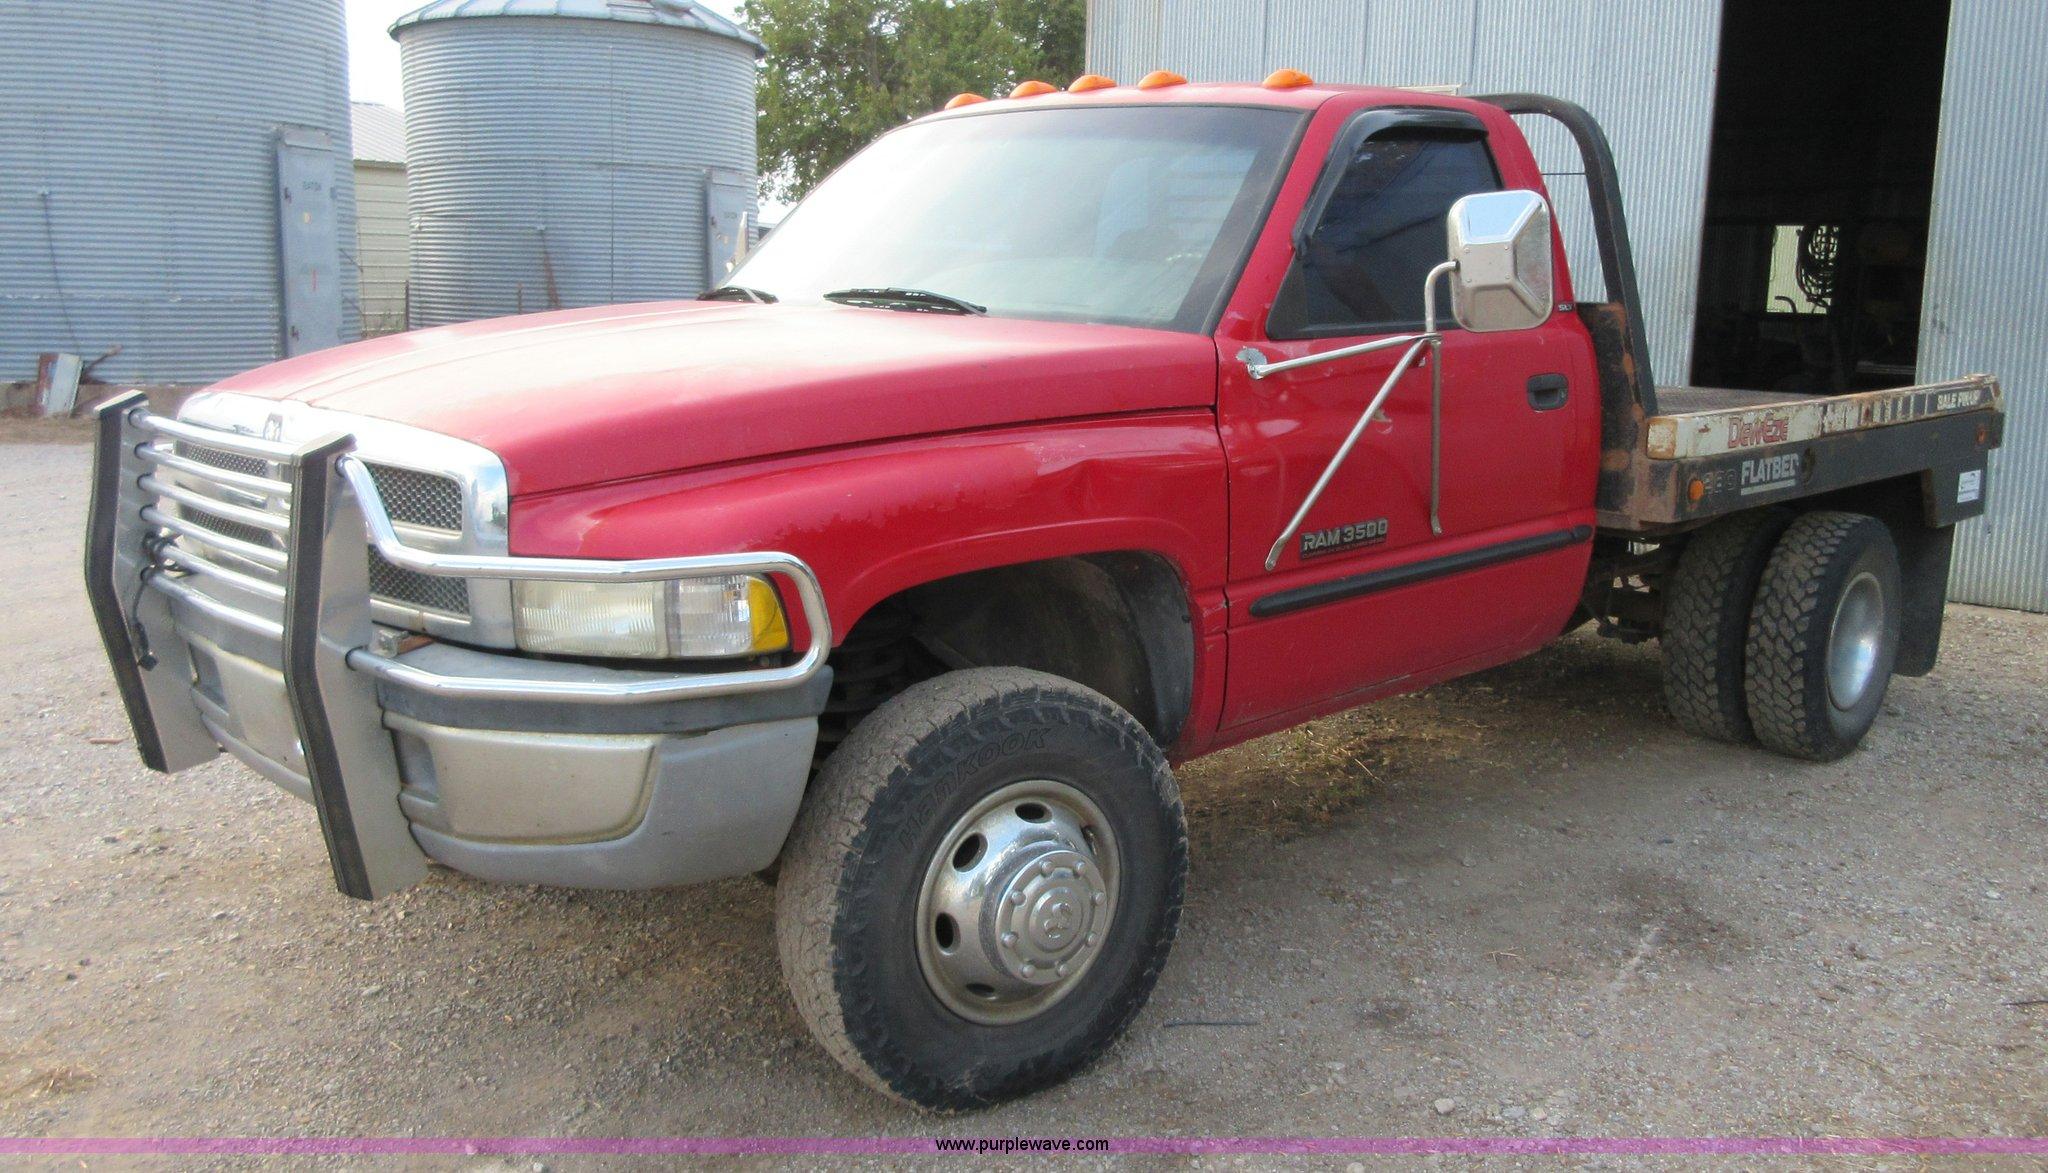 2000 Dodge Ram 3500 Flatbed Pickup Truck In Girard Ks Item I1963 Sold Purple Wave